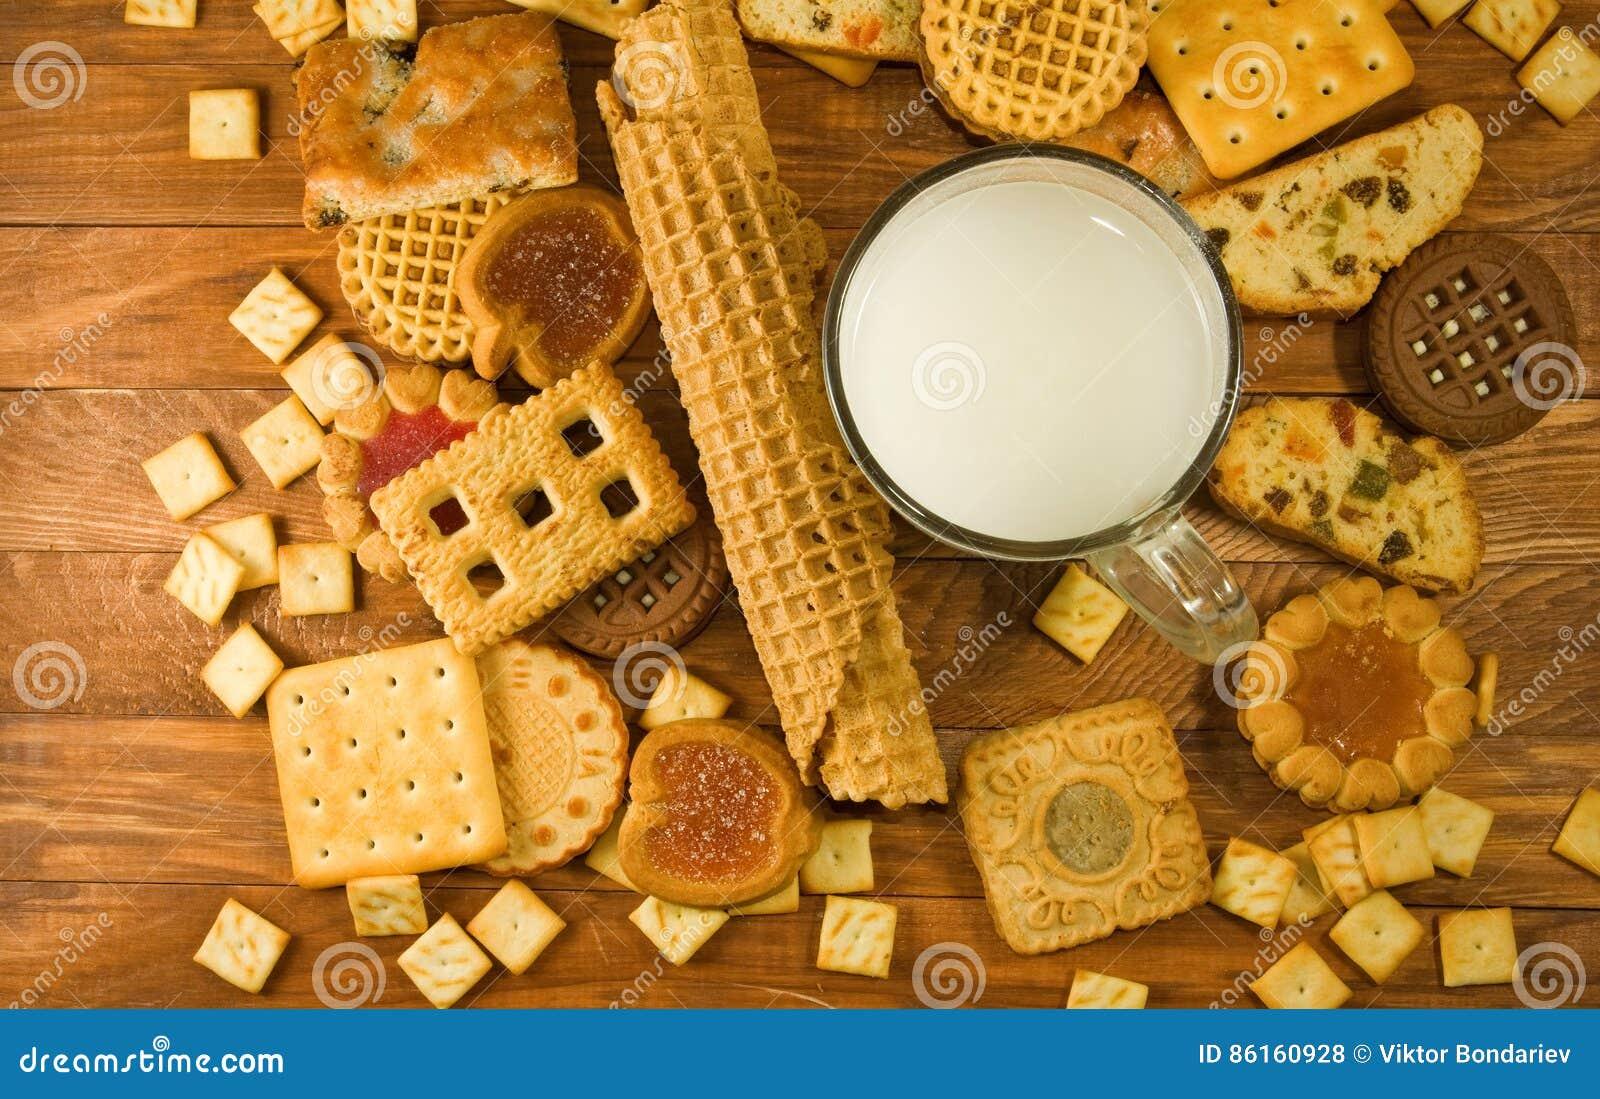 много очень вкусных печений и молоко на конце-вверх таблицы